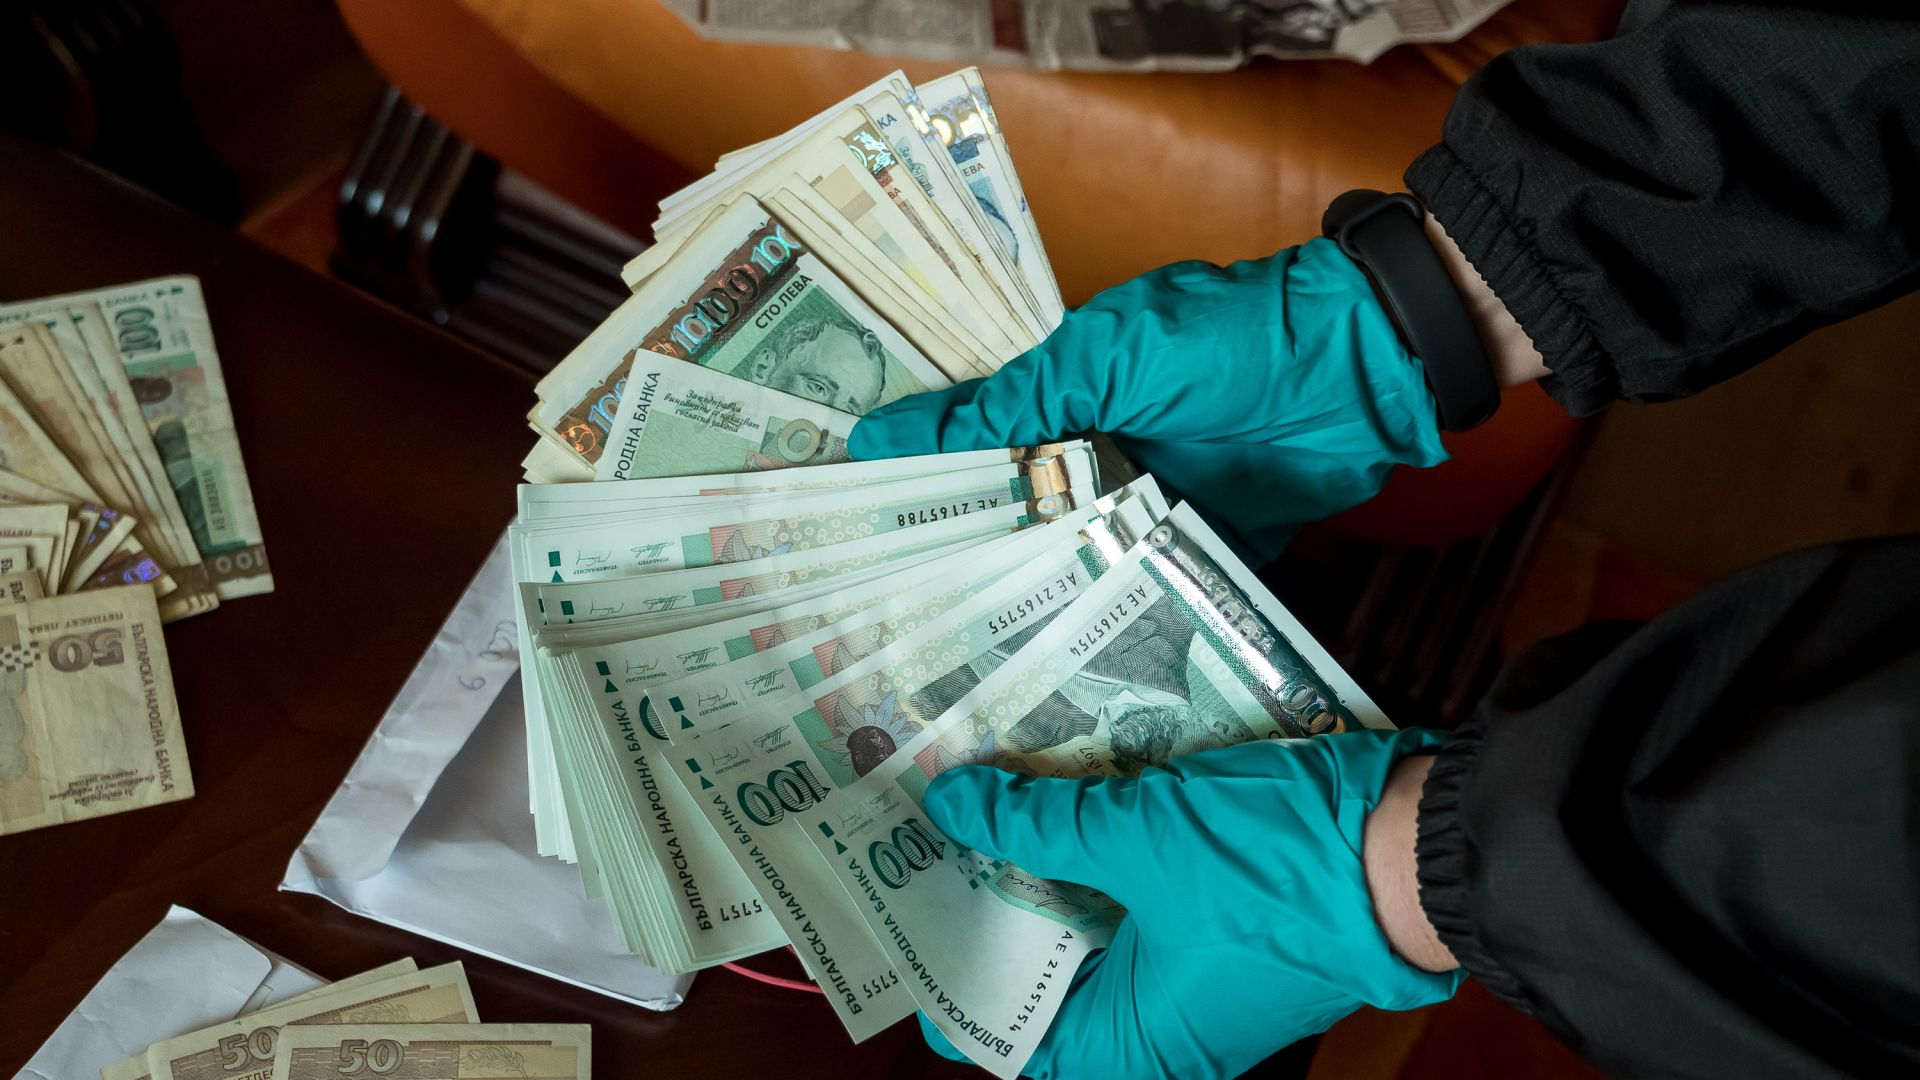 Близо 1,7 млн. лв. открити в банкови касети на задържани лекари (снимки+видео)